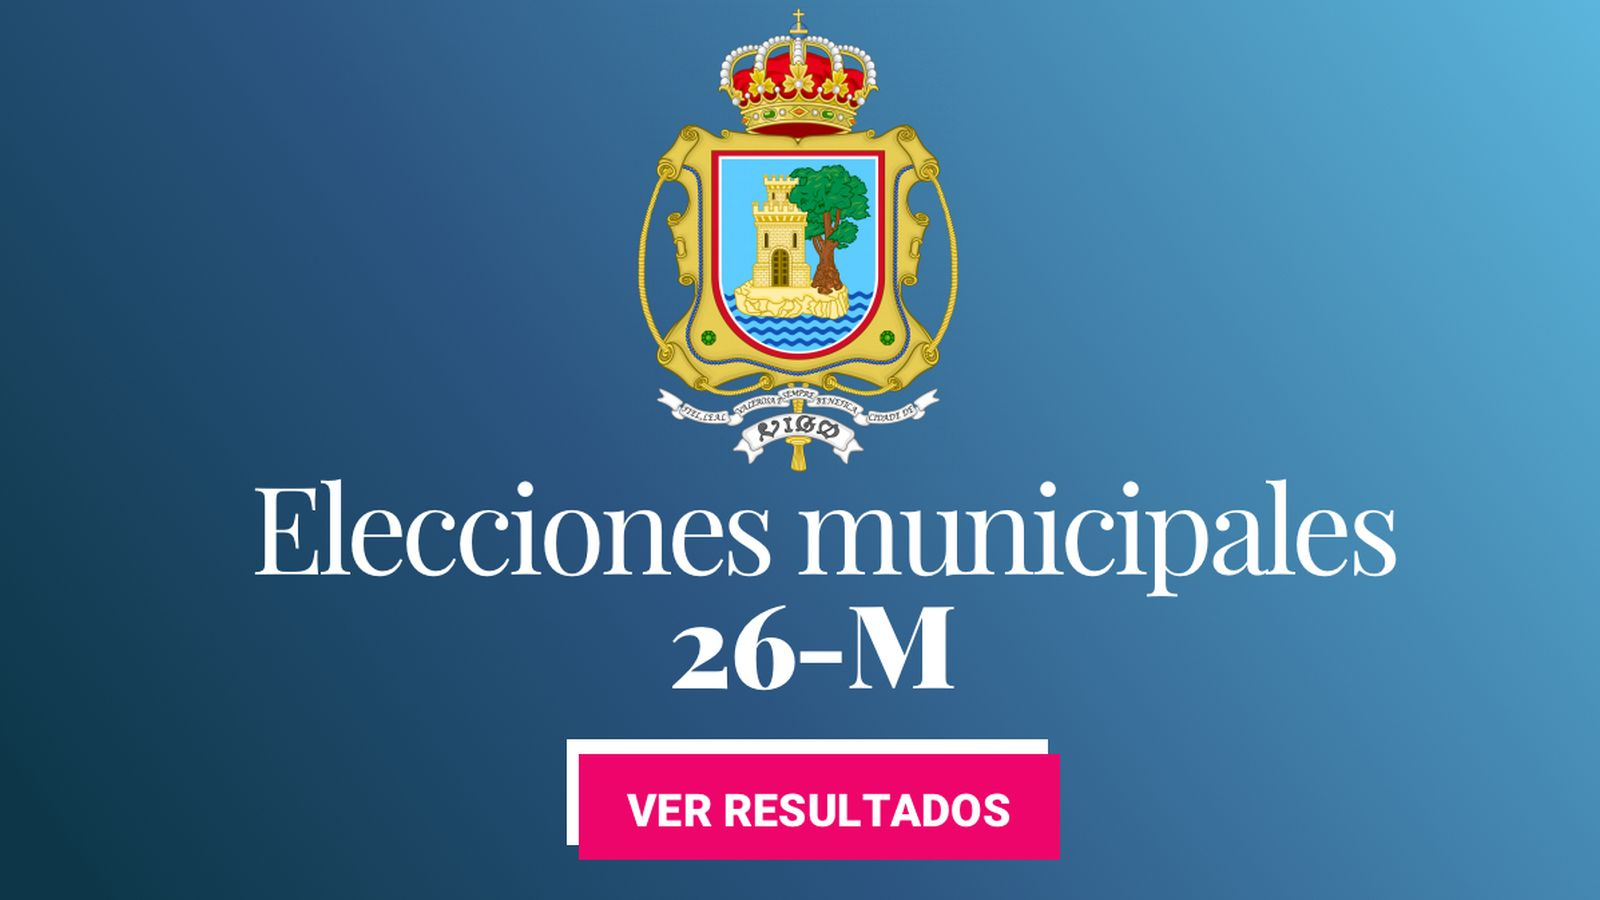 Foto: Elecciones municipales 2019 en Vigo. (C.C./EC)